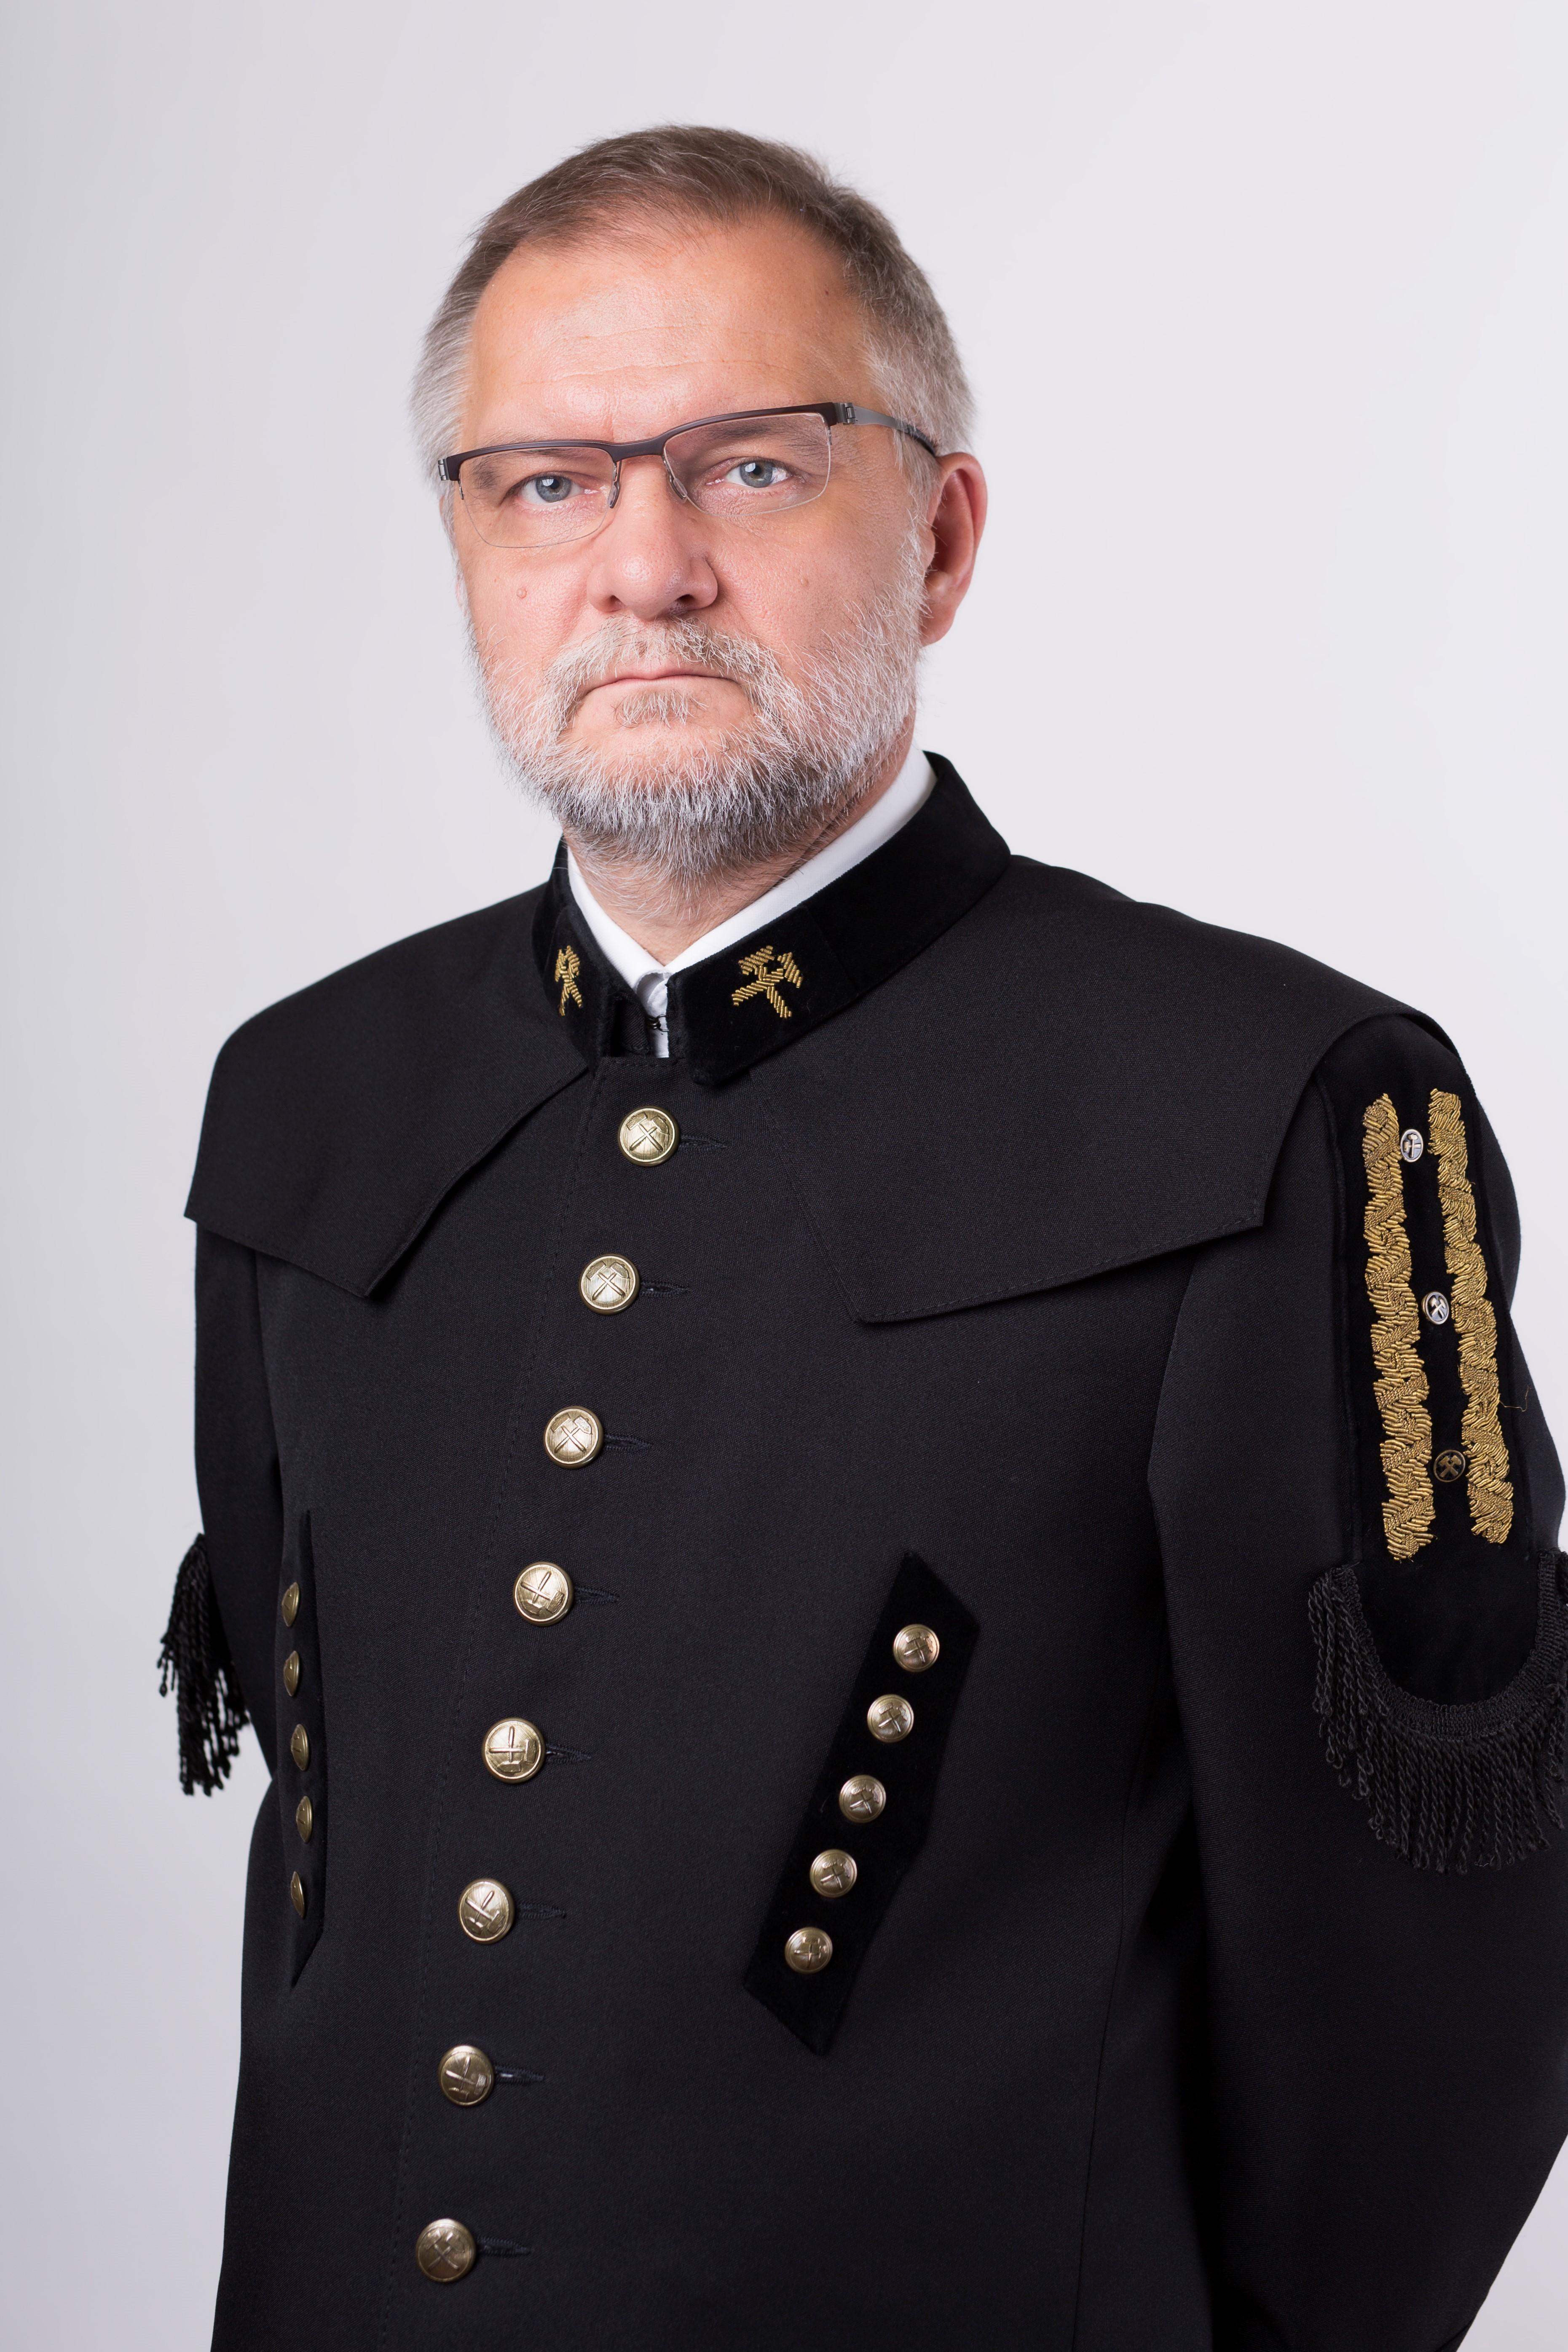 Zdjęcie Prezesa WUG dr. inż. Adama Mirka